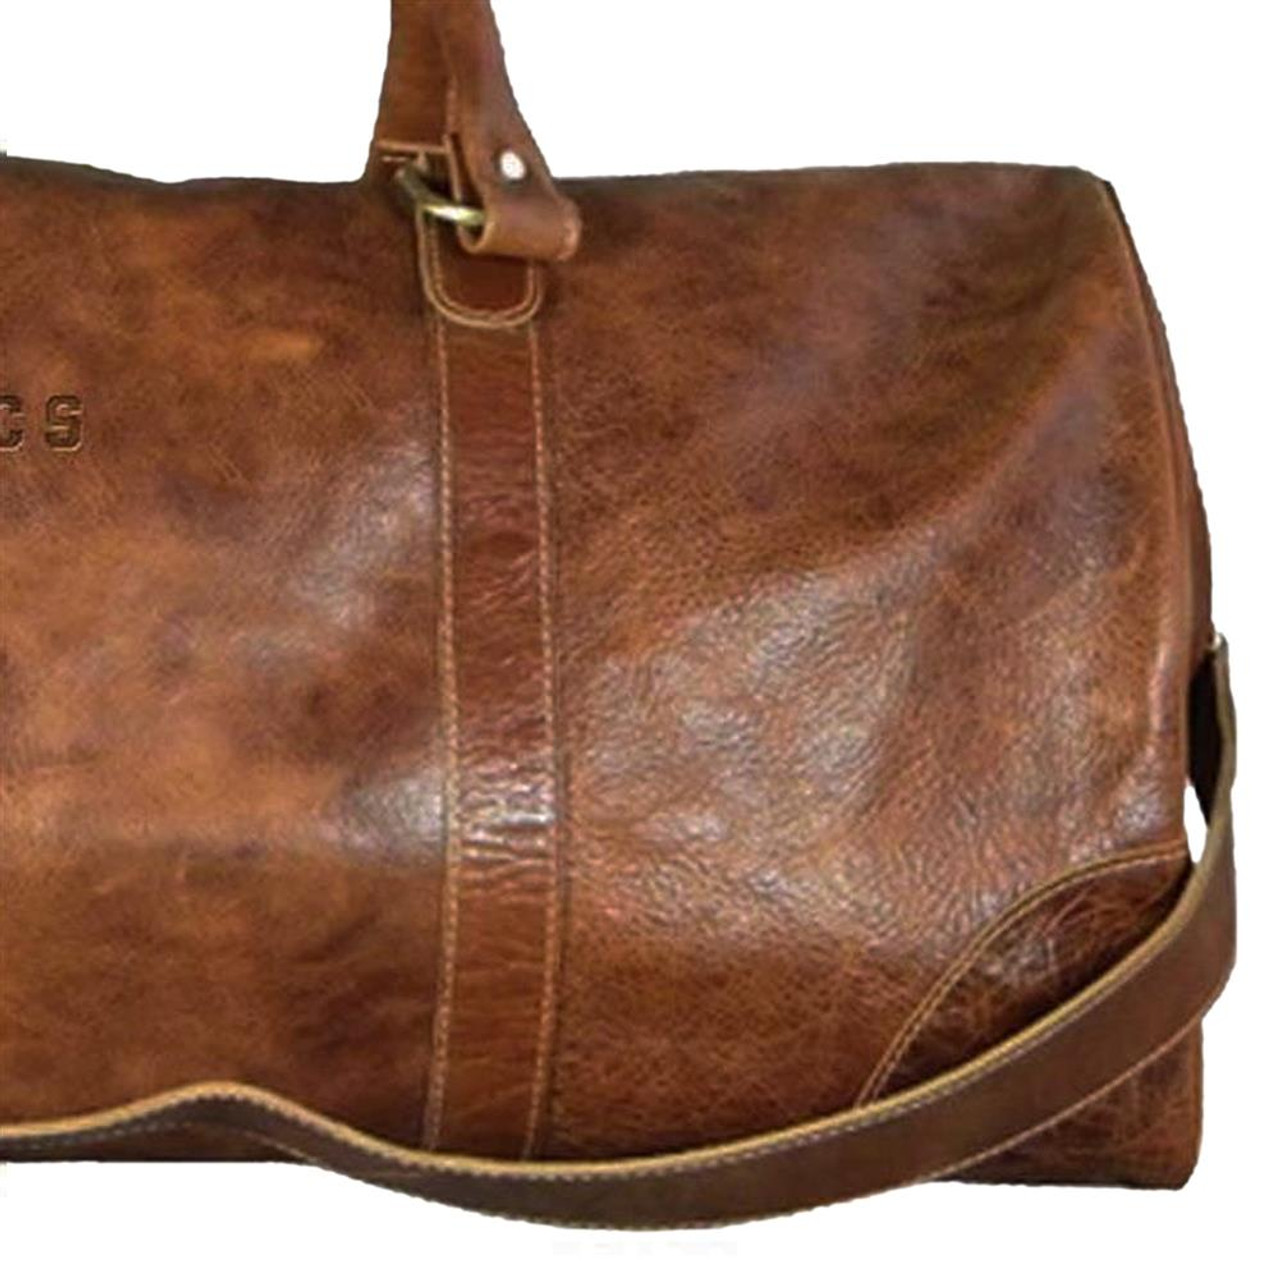 University of Florida Gators Duffel Bag Genuine Leather Duffel